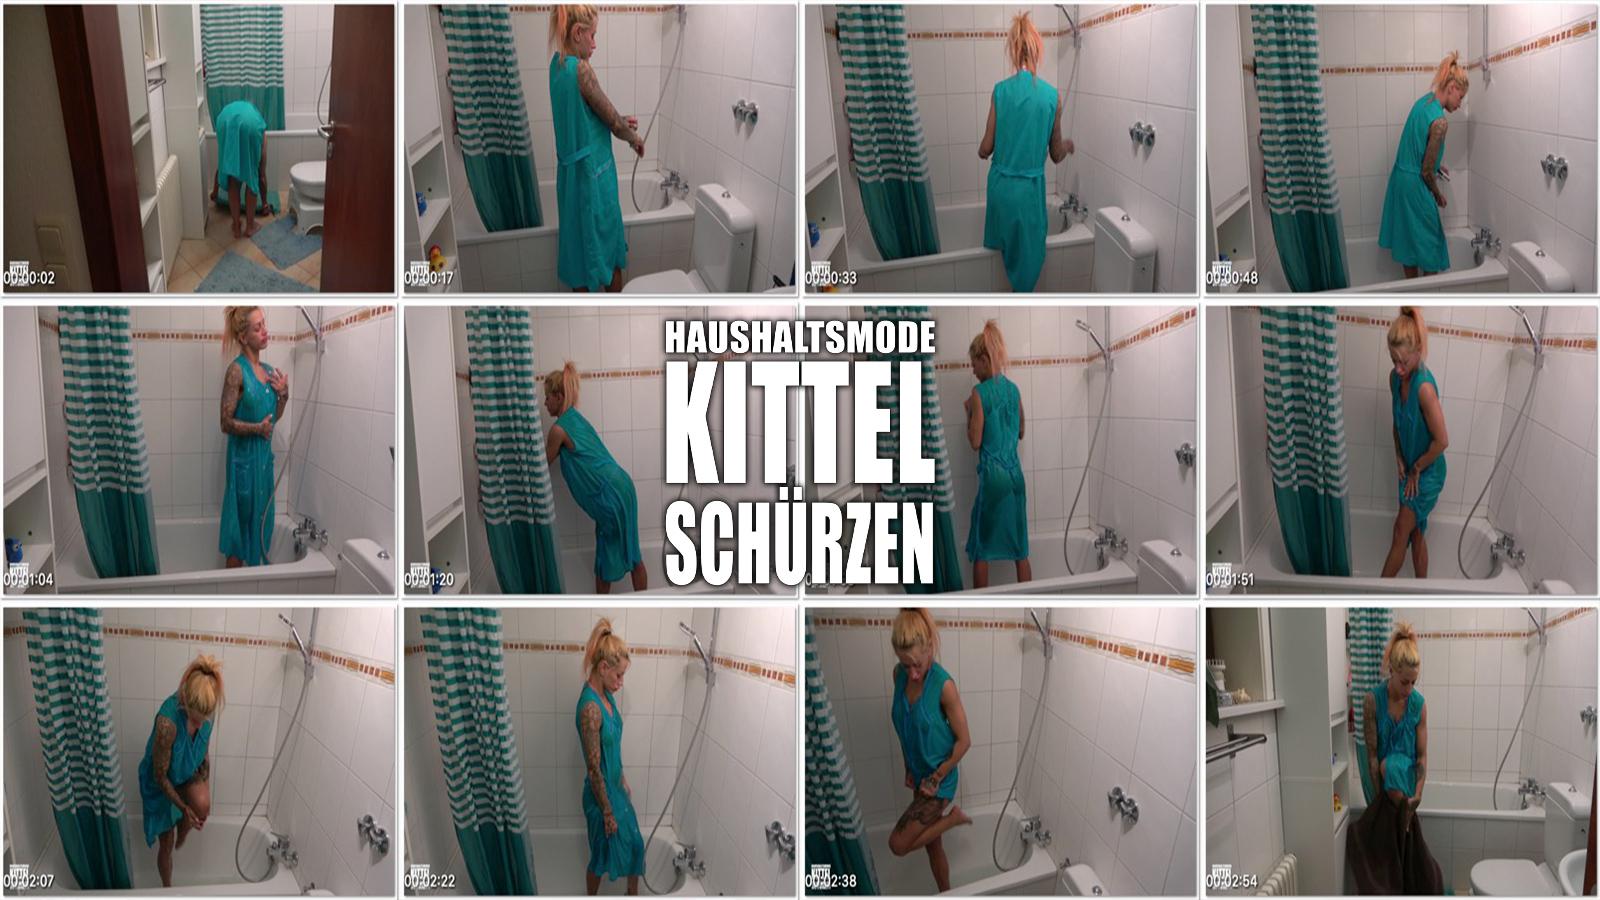 Sandy Video 043: Duschen im türkisen Dederonkittel